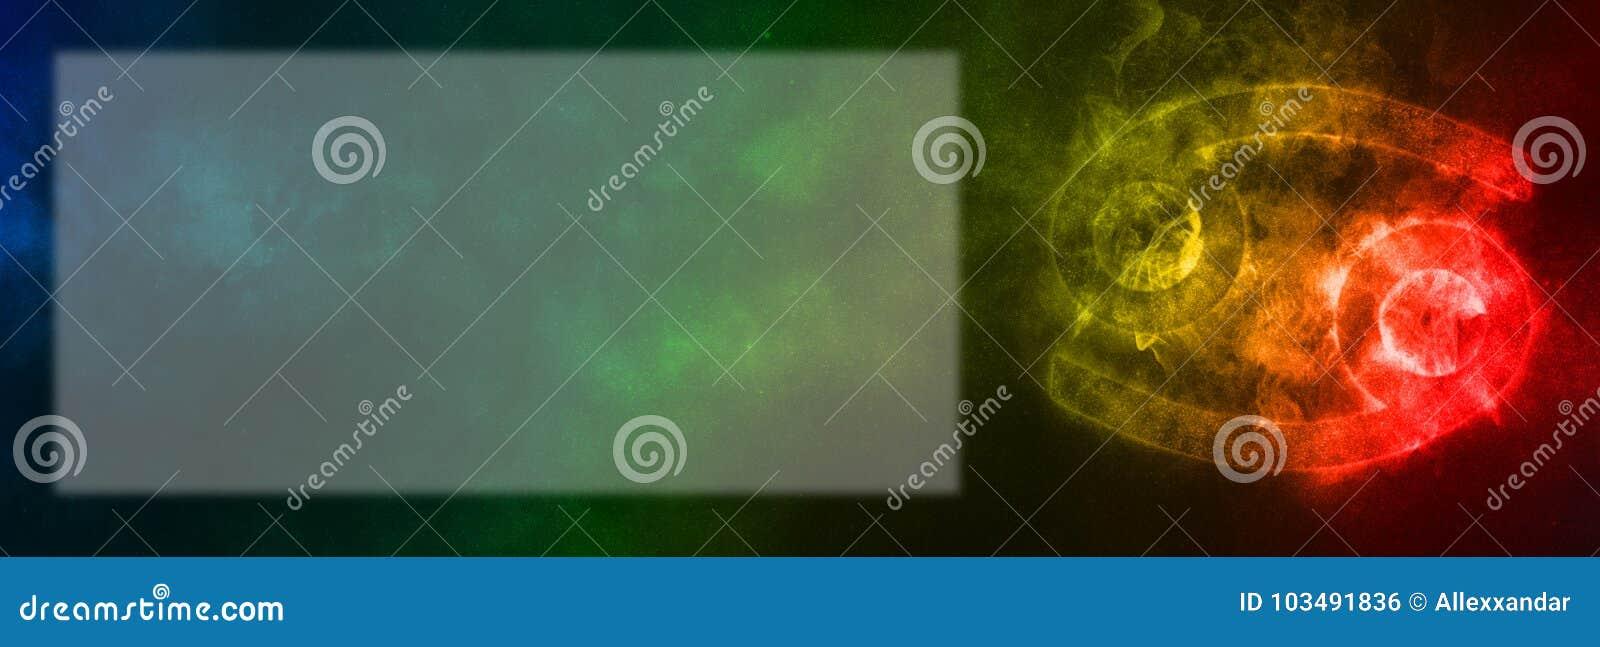 Segno dello zodiaco del Cancro Segno dell oroscopo del Cancro Stanza del testo del modello